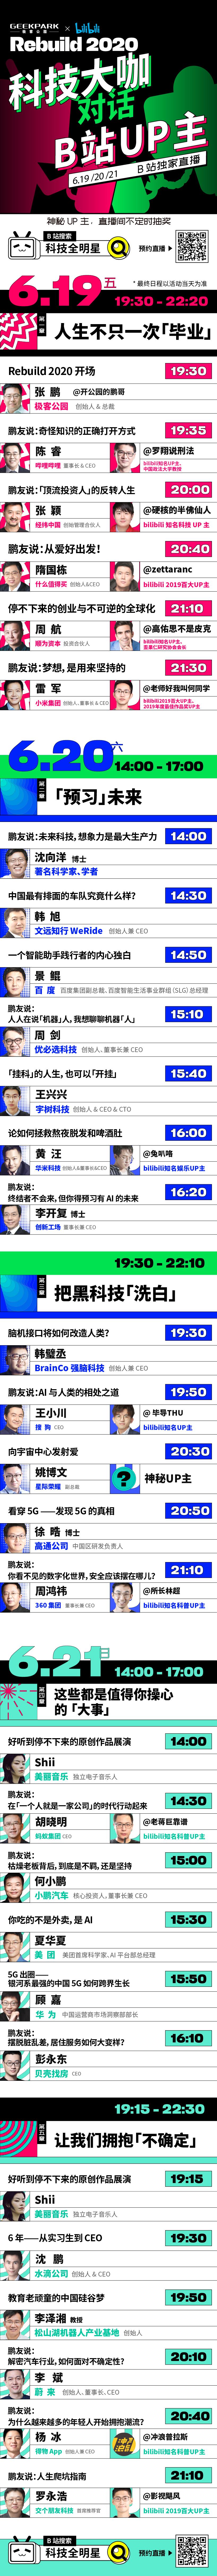 """B站科技大咖直播Rebuild2020""""科技全明星""""插图(1)"""